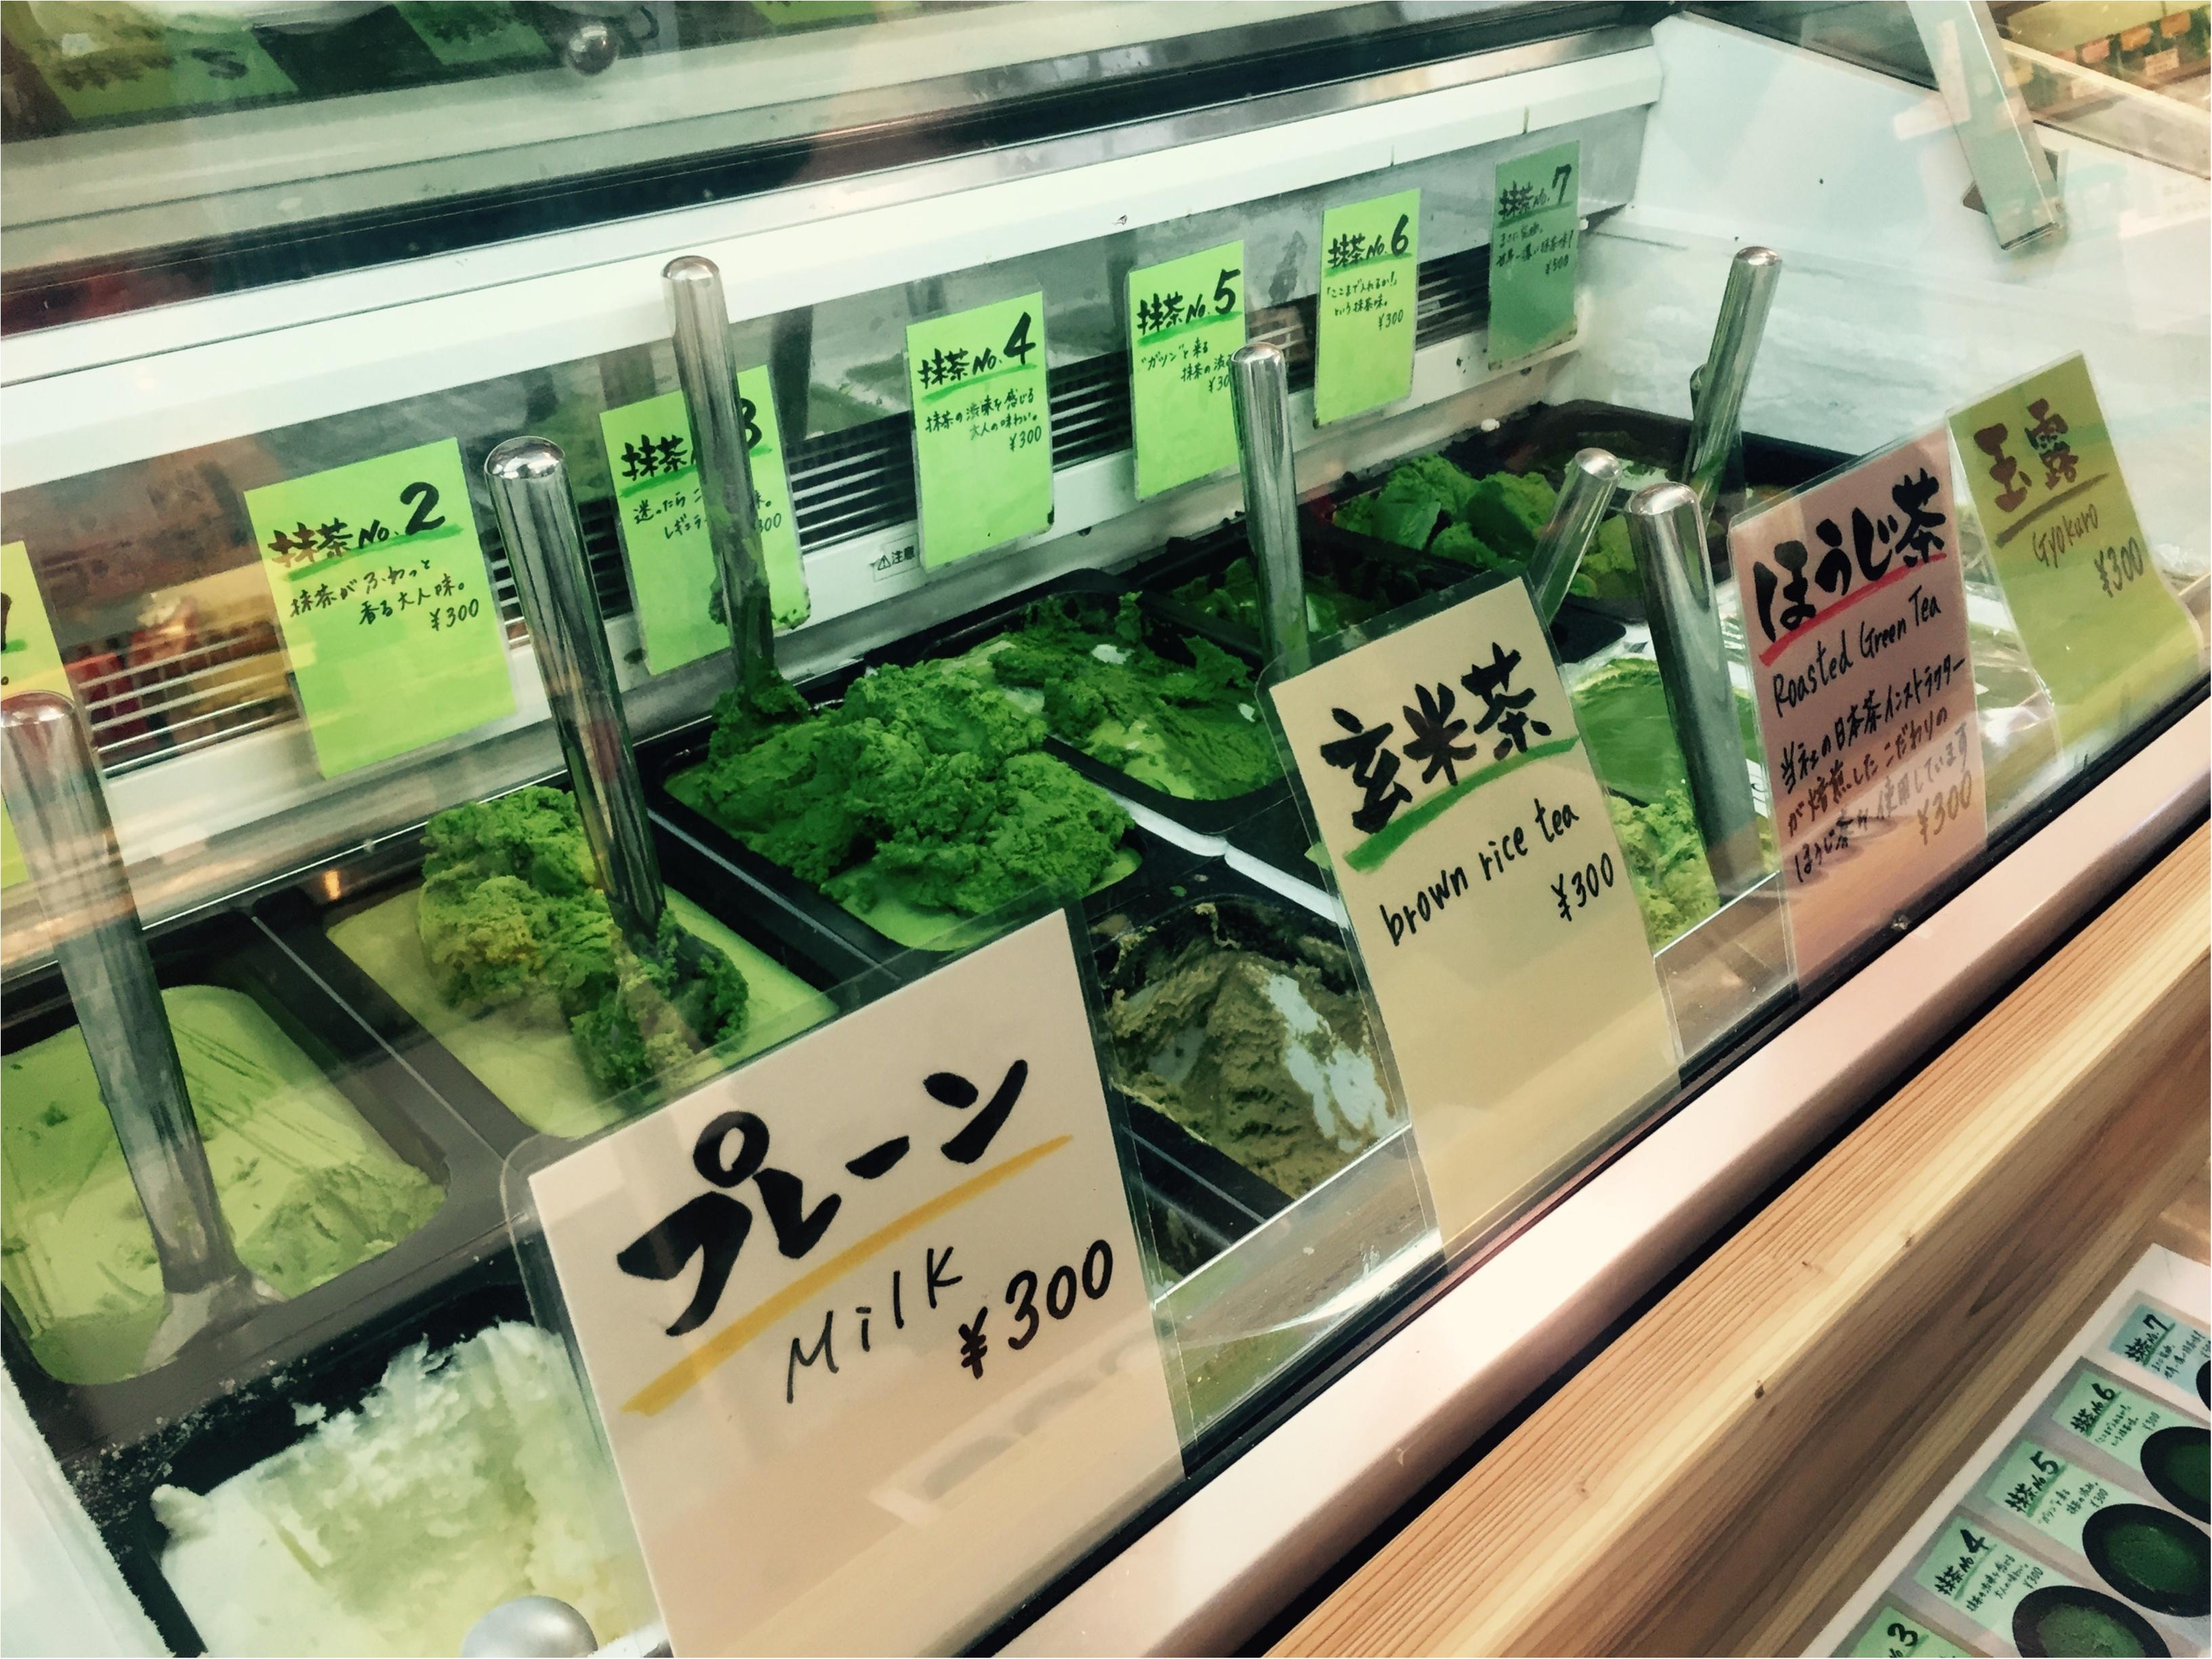 世界で一番濃い抹茶アイス!静岡のななやの抹茶アイスが濃厚すぎる♡_2